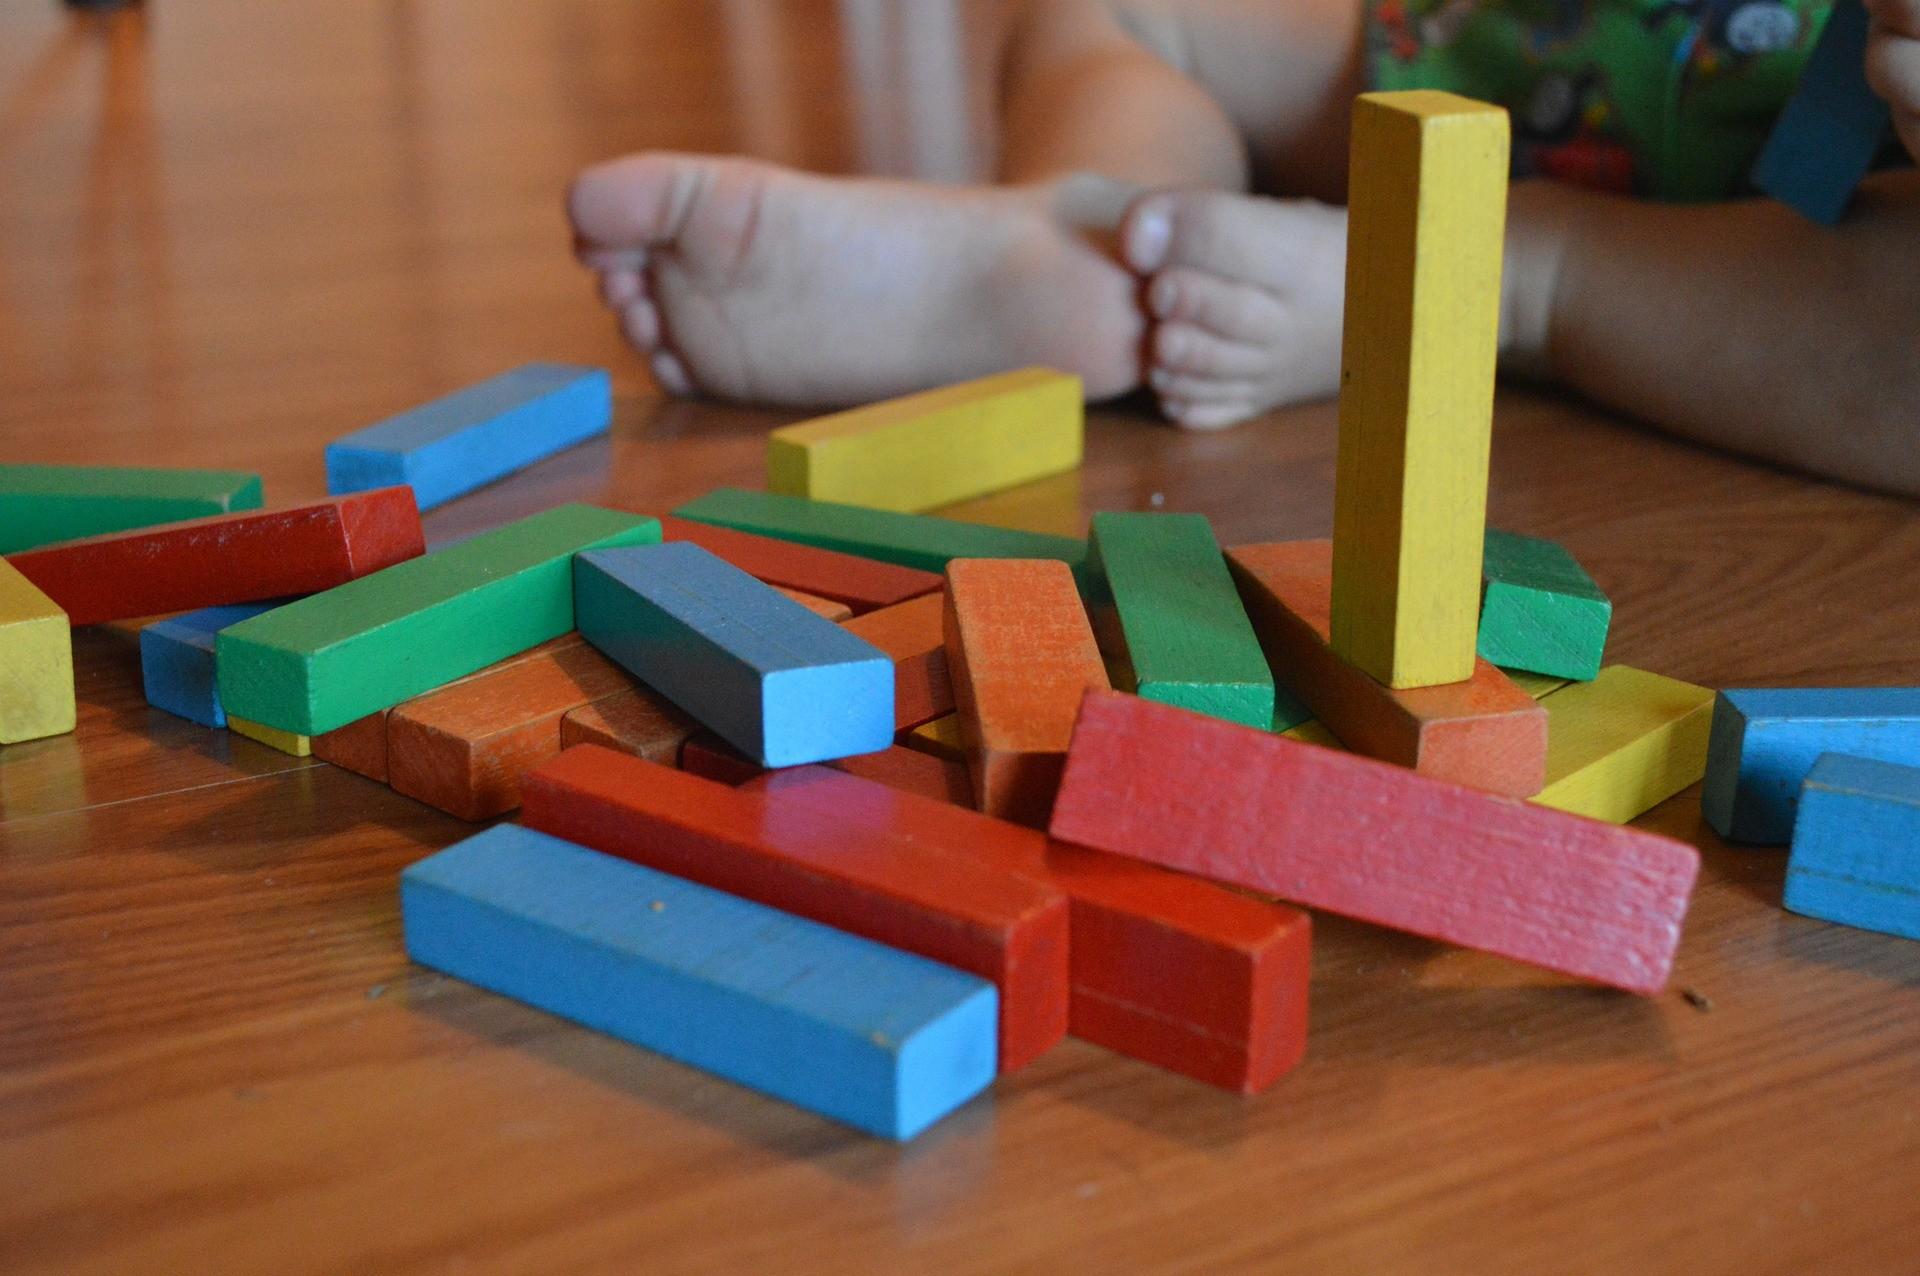 Le matériel Montessori pour le développement de l'enfant